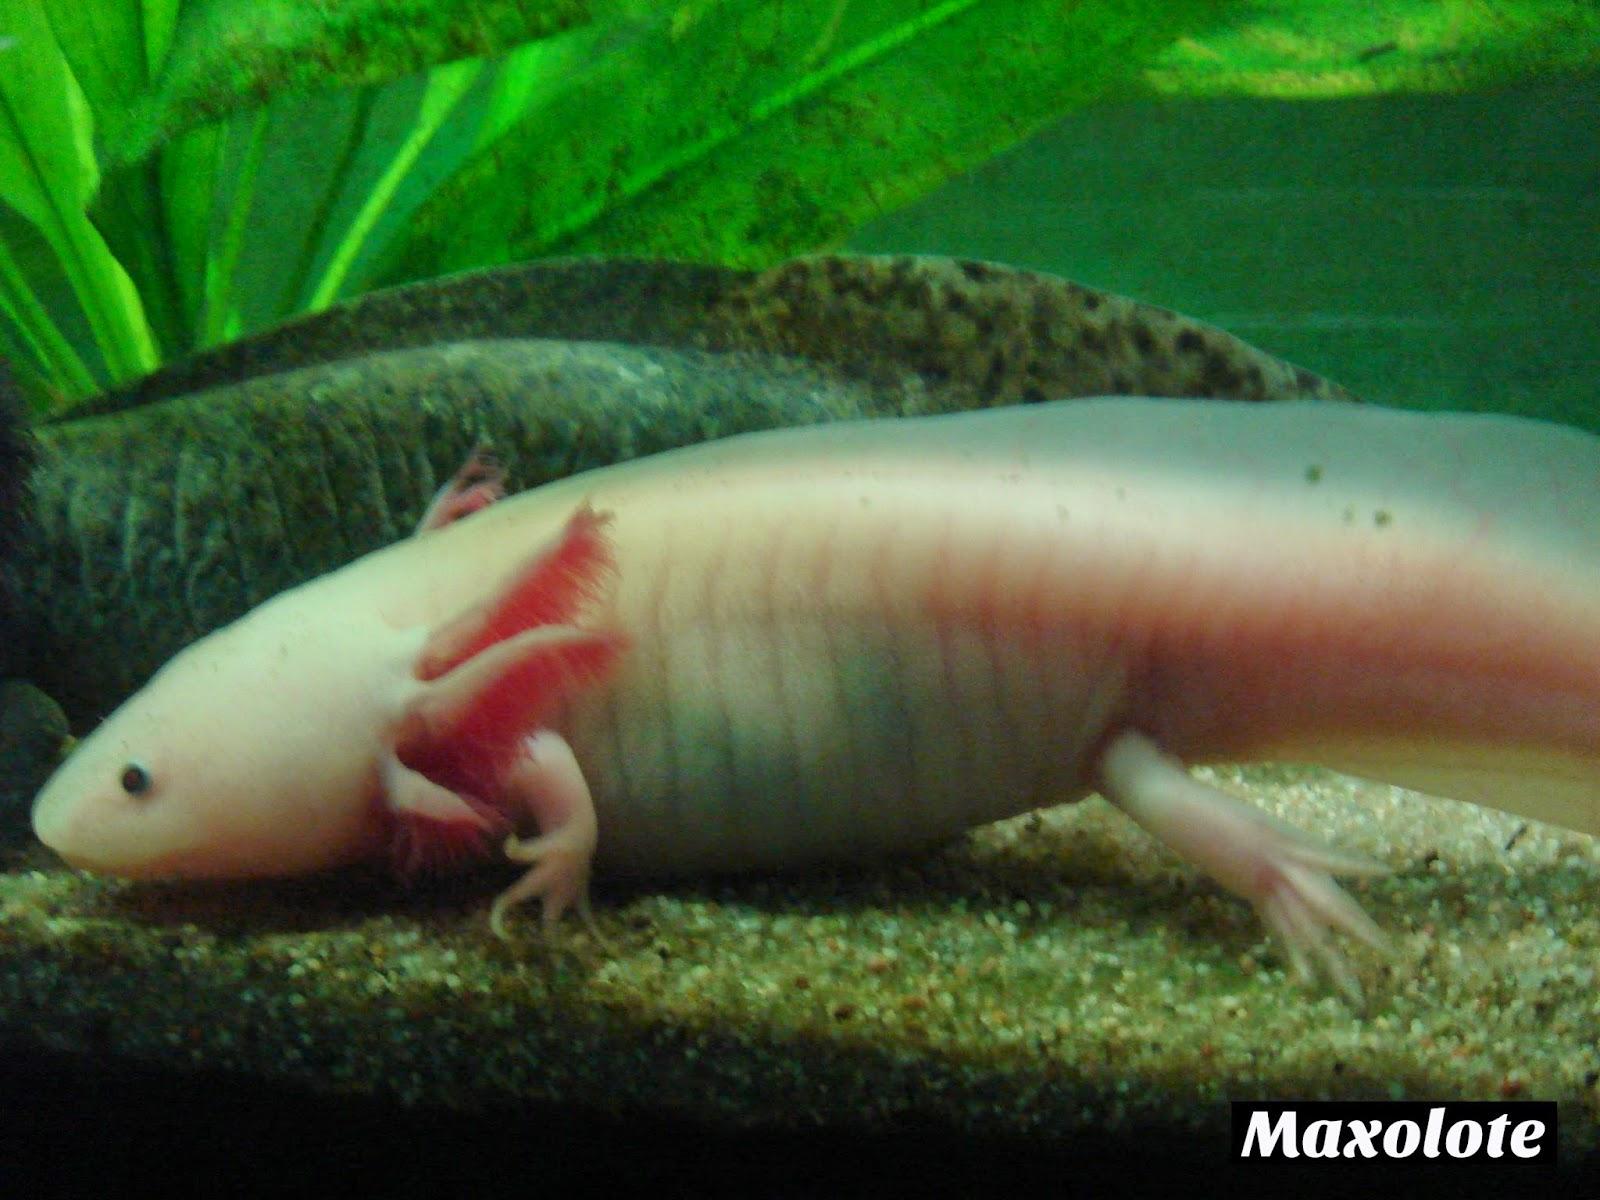 Axolotes reproduccion asexual de las plantas